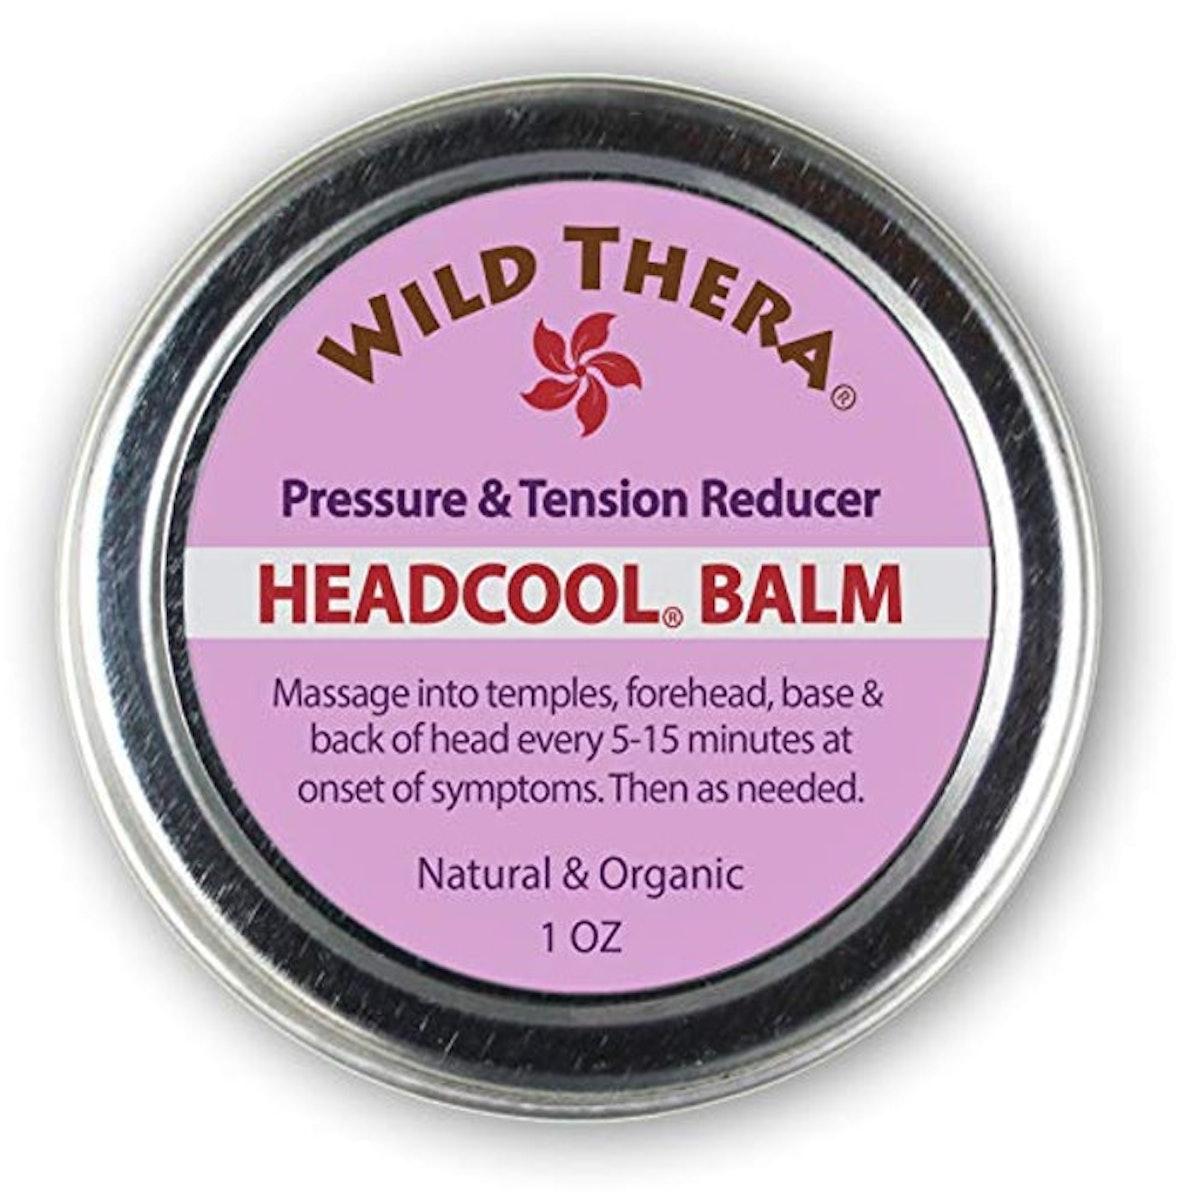 Wild Thera Headcool Balm